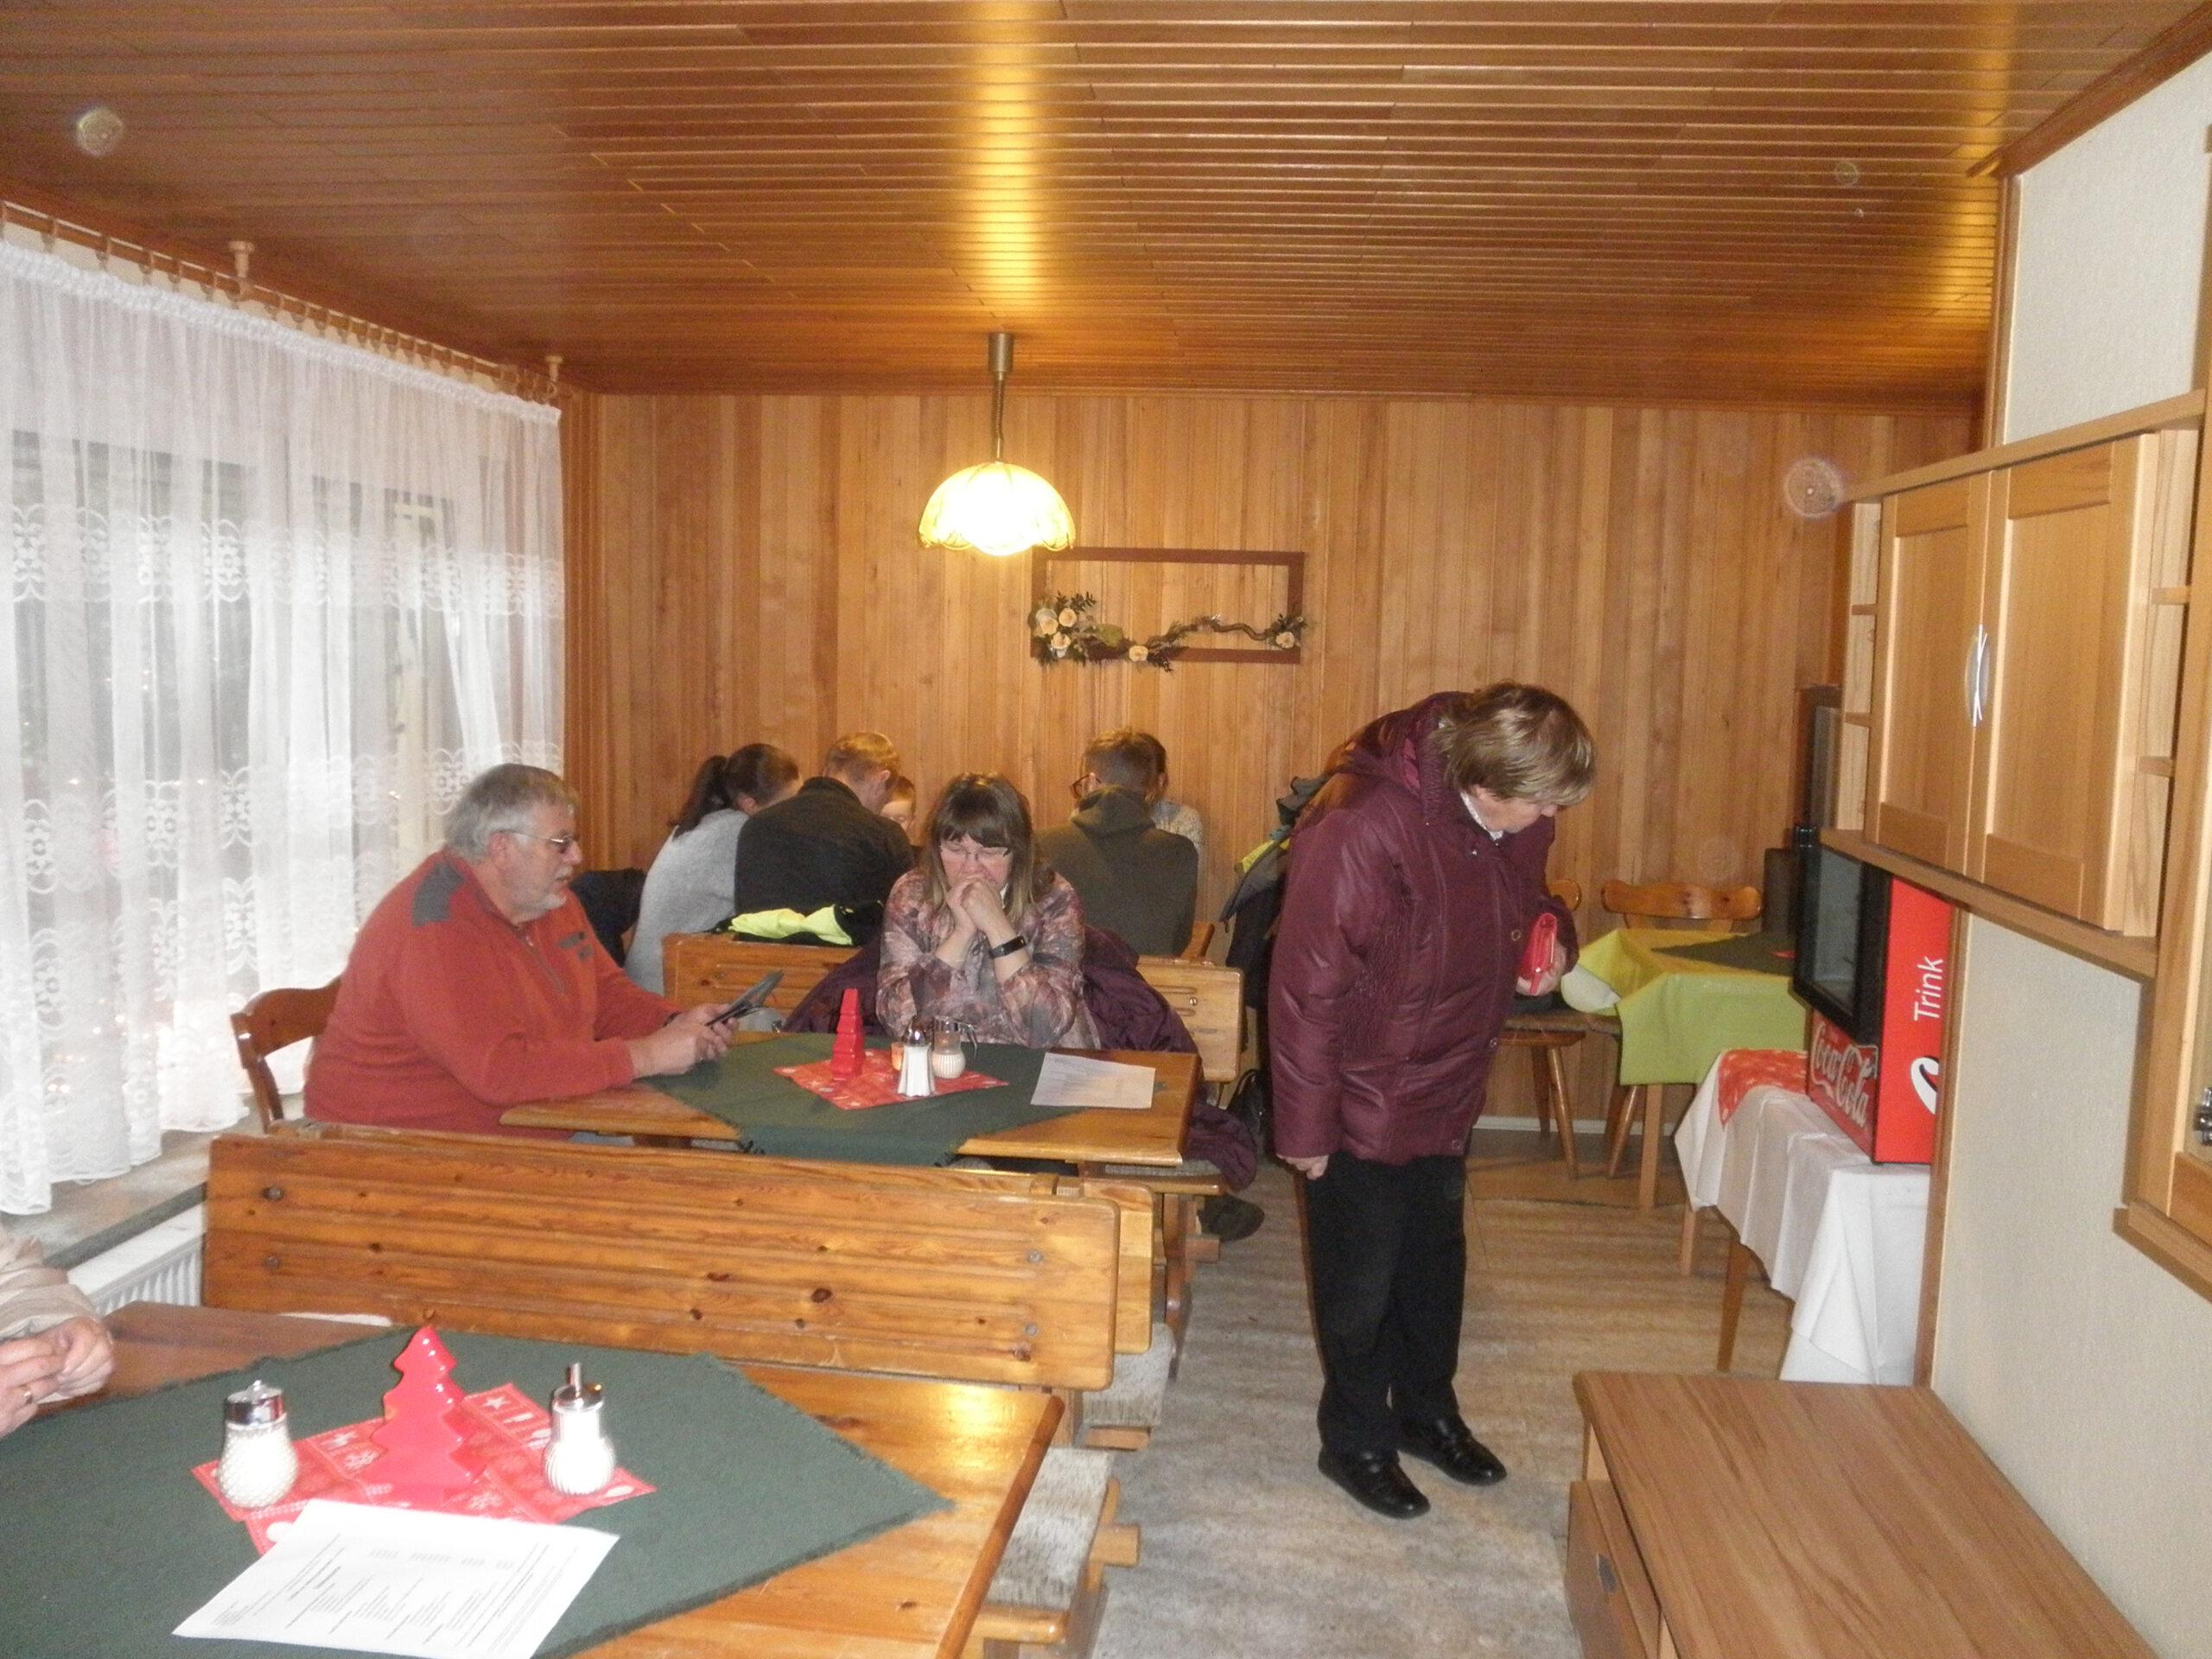 Weihnachts-Café